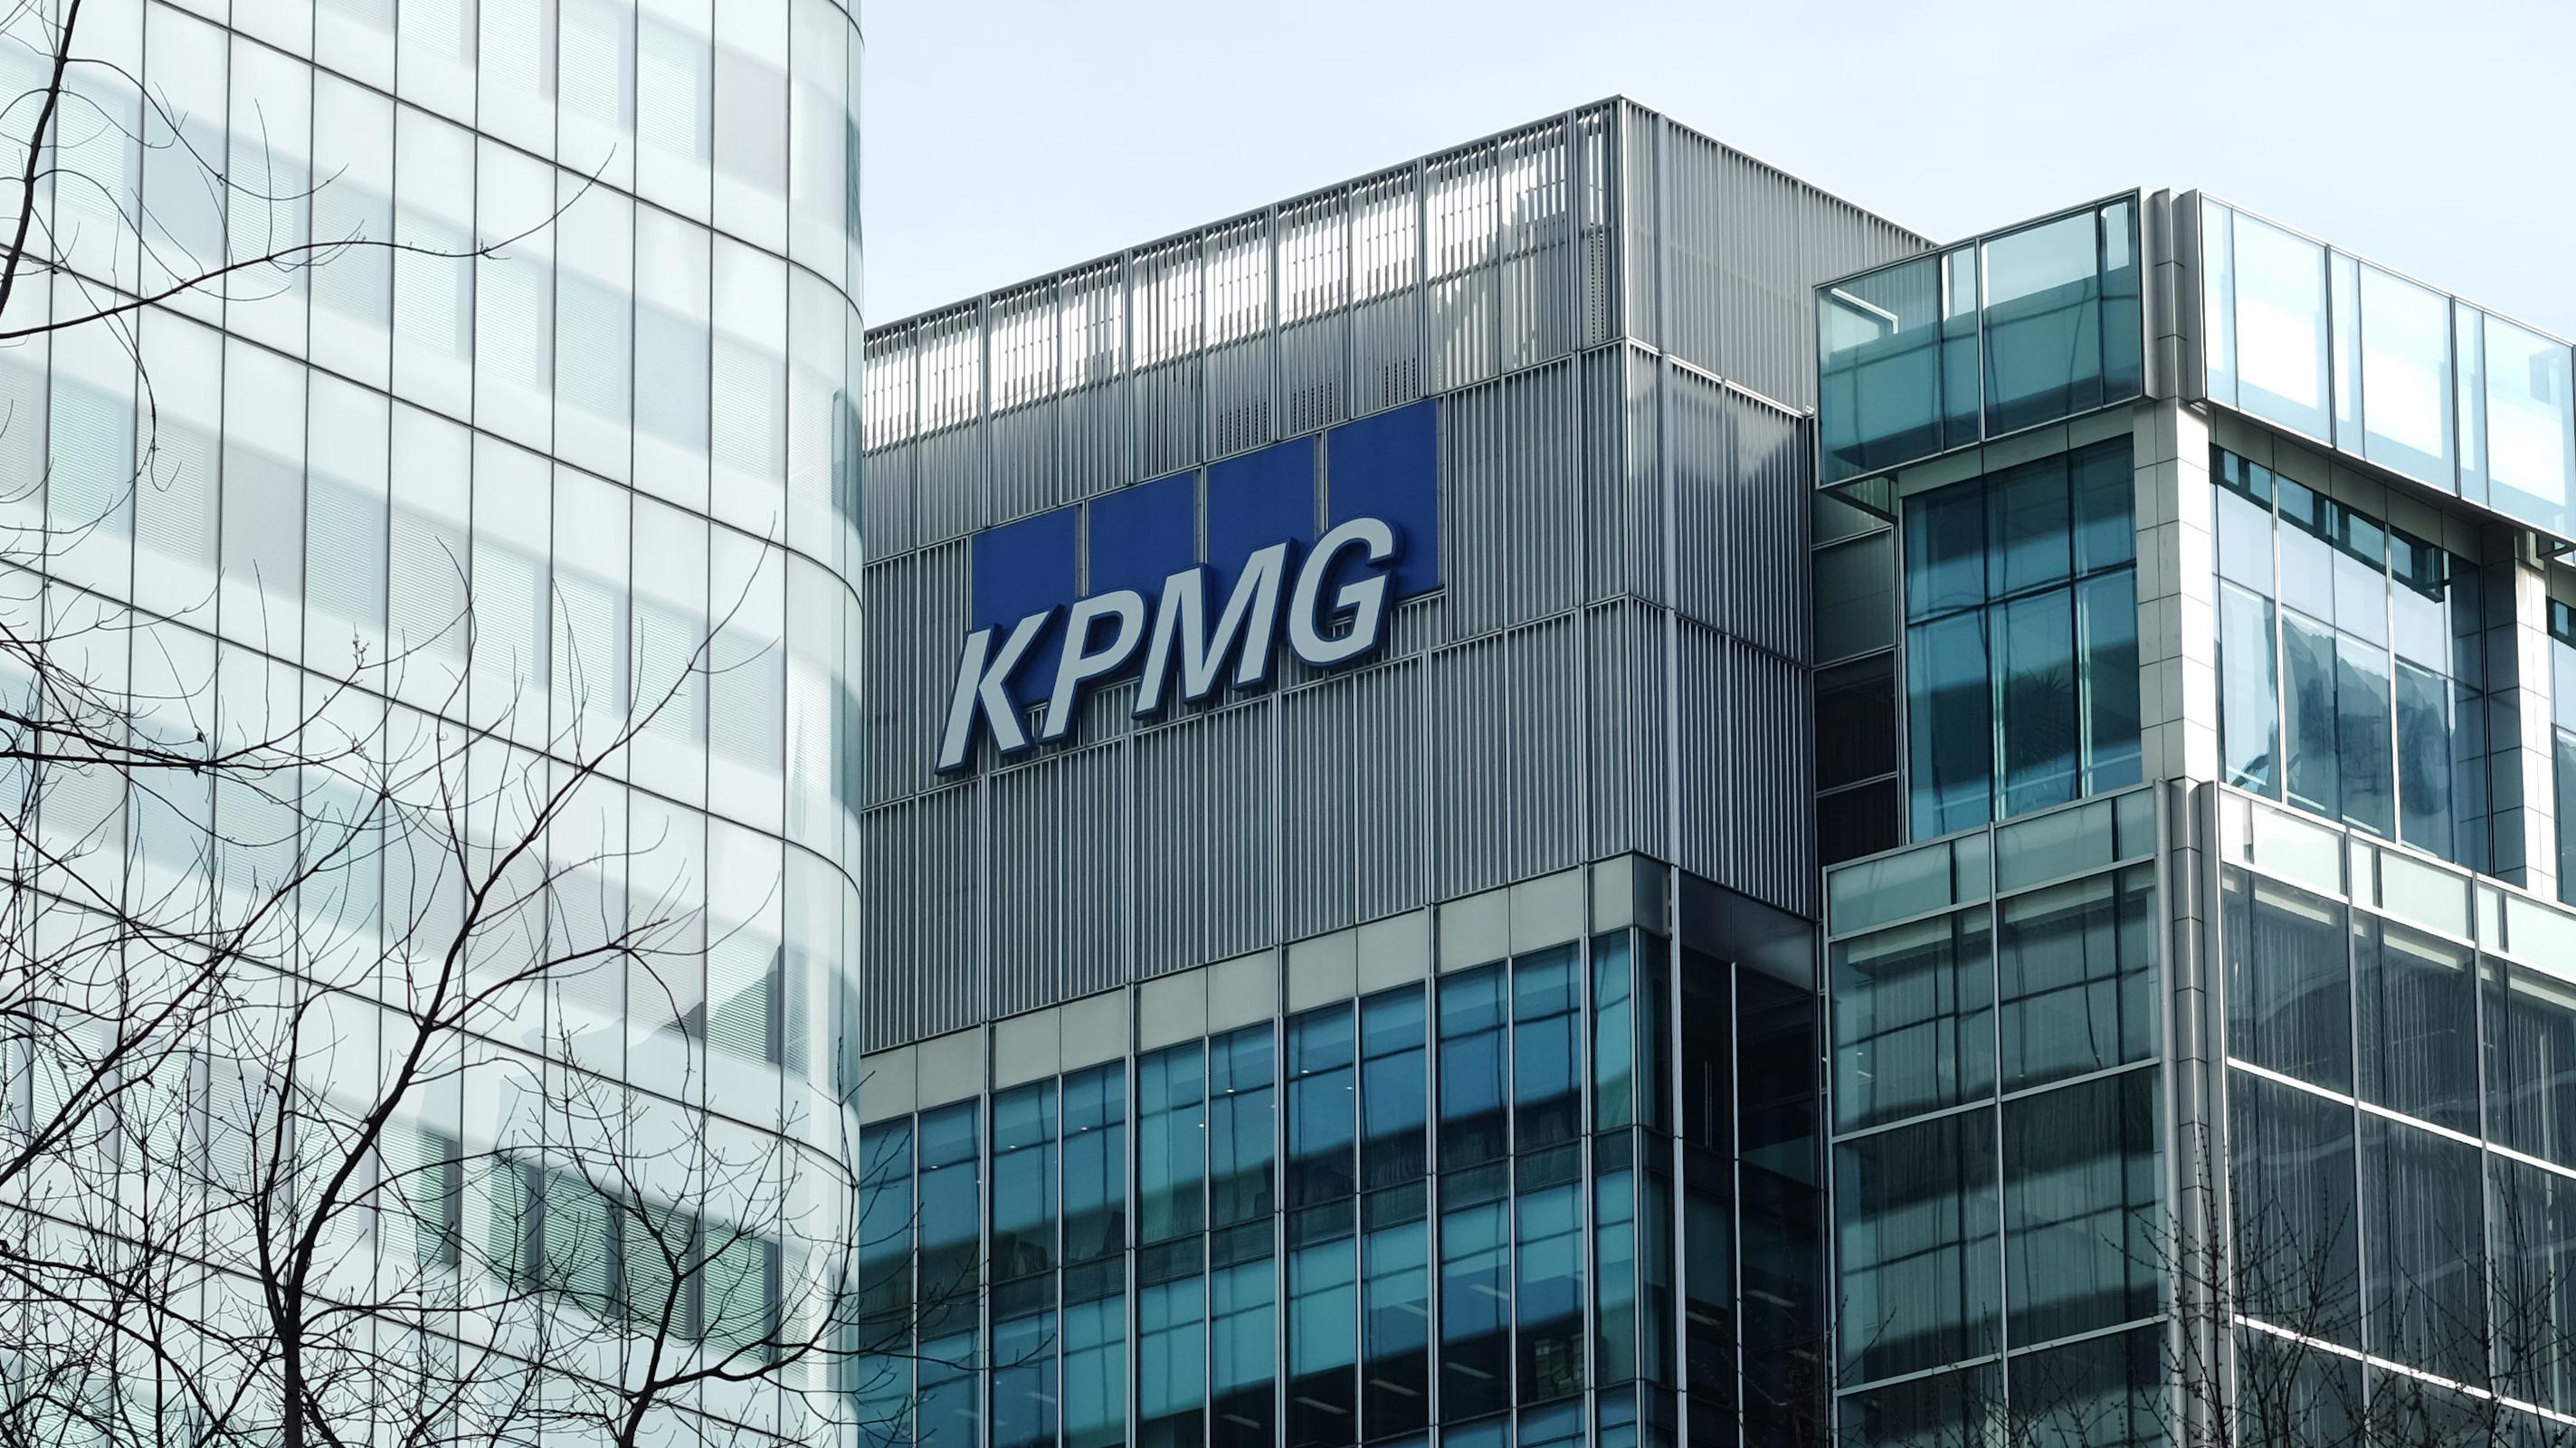 Das Gebäude vom Wirtschaftsprüfungs- und Beratungsunternehmen KPMG im Bürogebäudekomplex Canary Wharf in London.